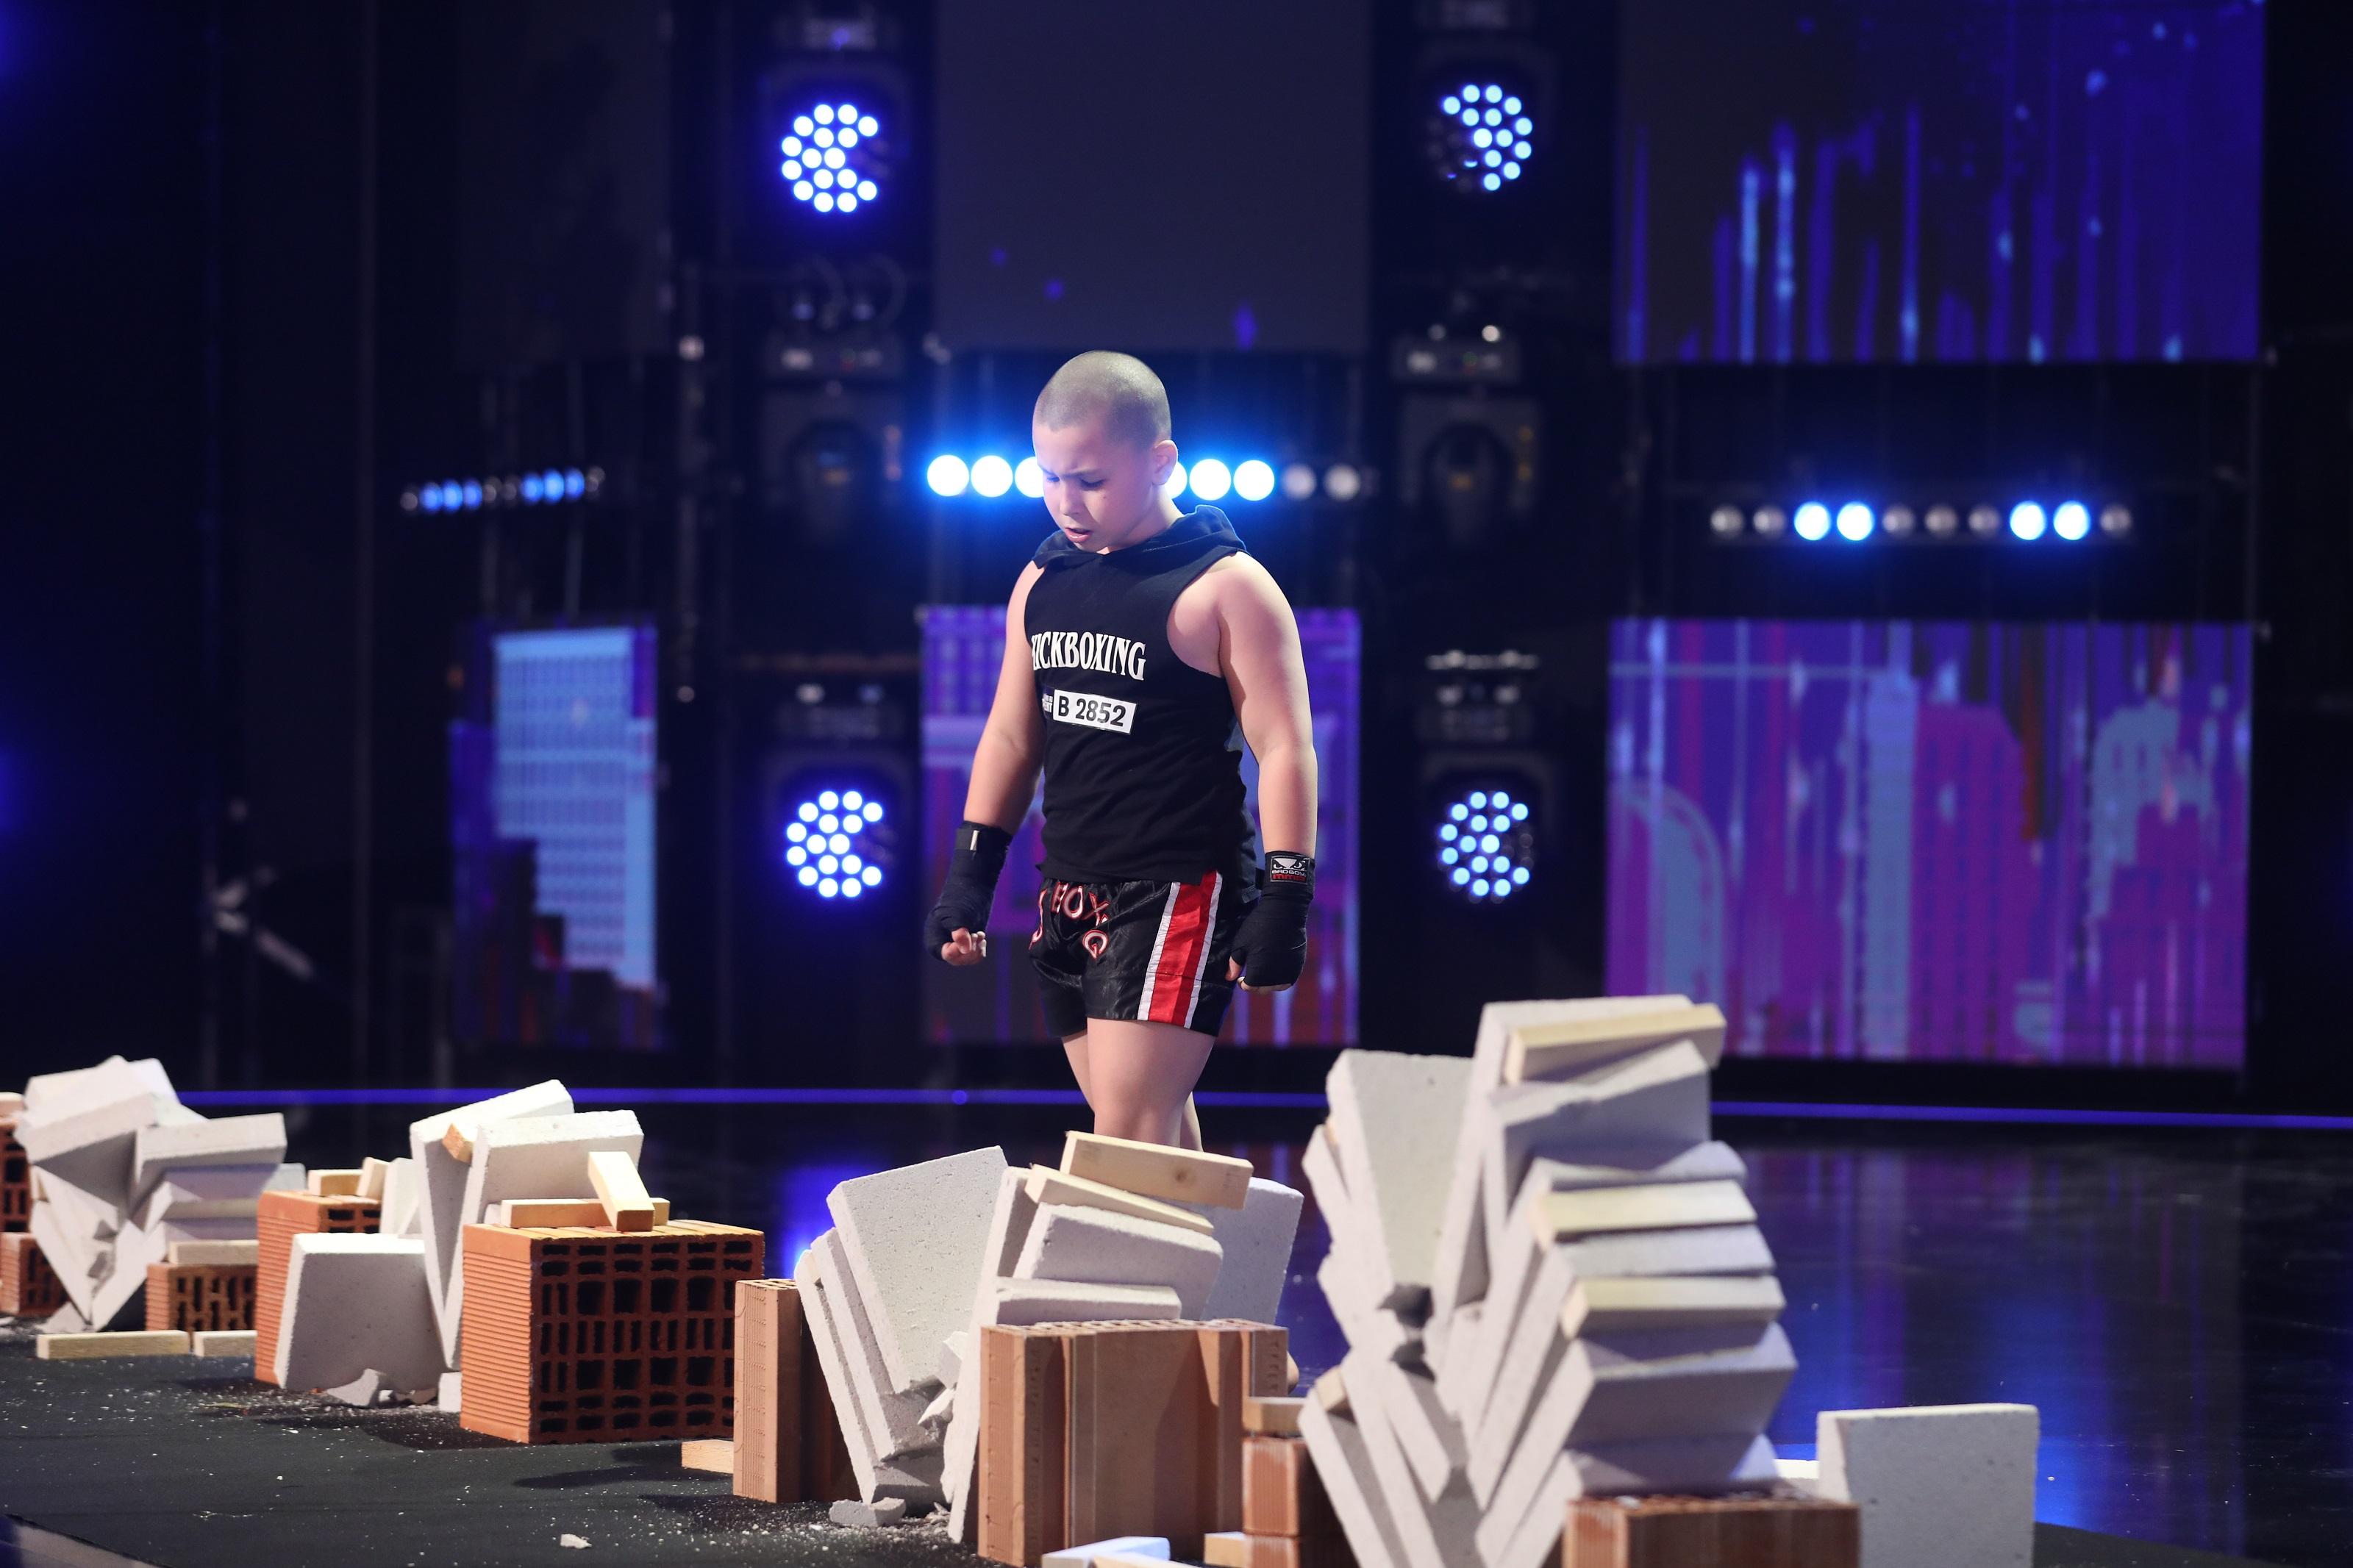 Românii au Talent. Peste 2,7 de milioane de români s-au bucurat de spectacolul #unusiunu